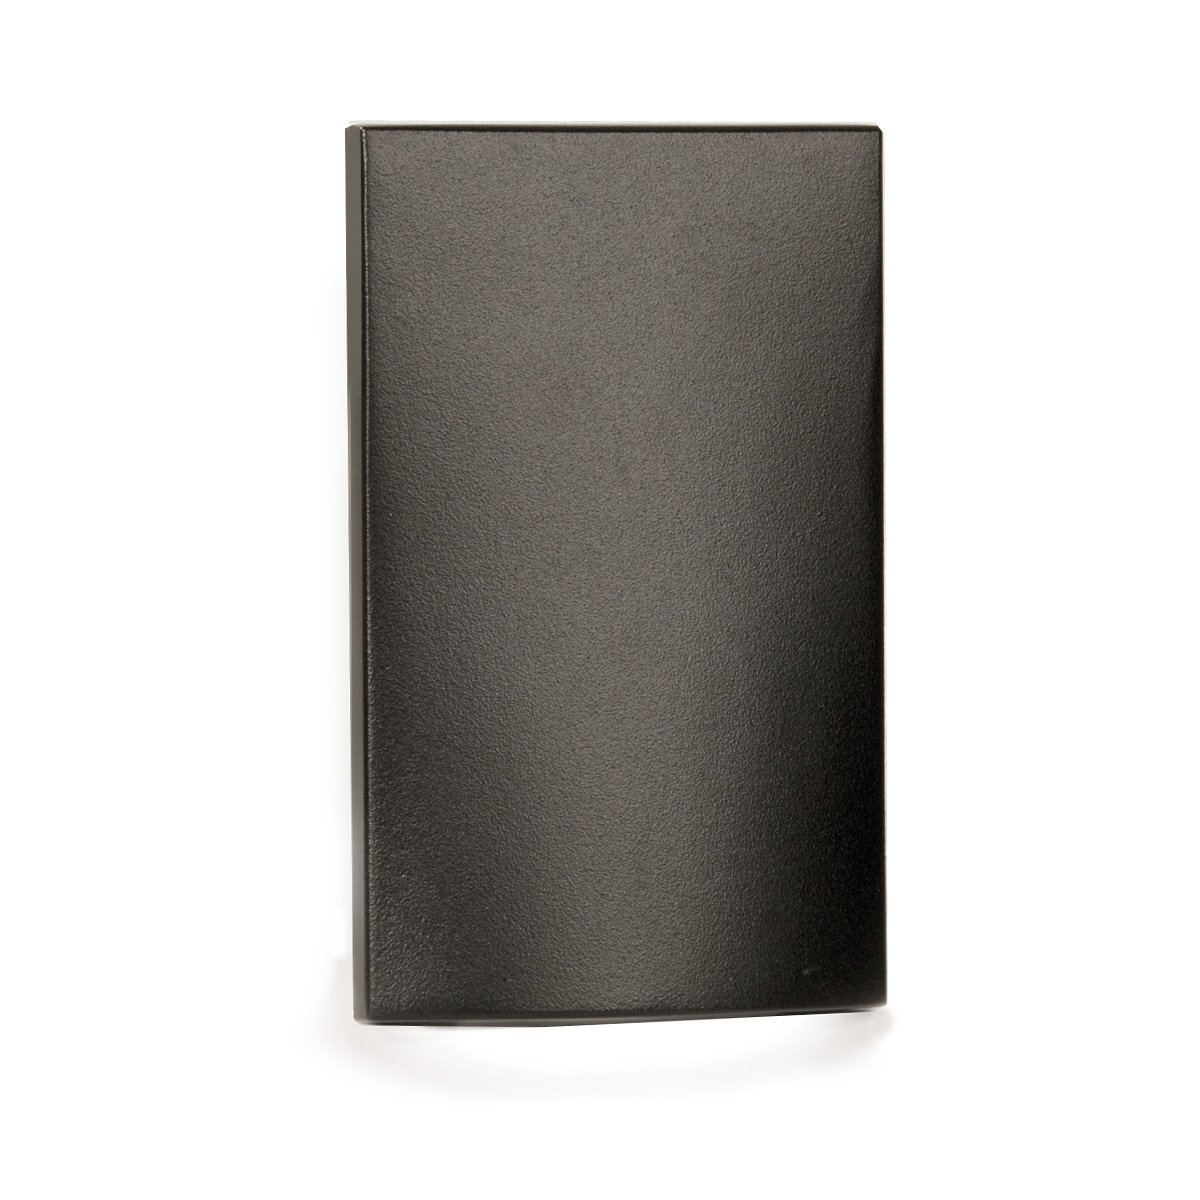 WAC Lighting WL-LED210-C-BZ LED Vertical Scoop Step and Wall Light 120V 3000K, Bronze